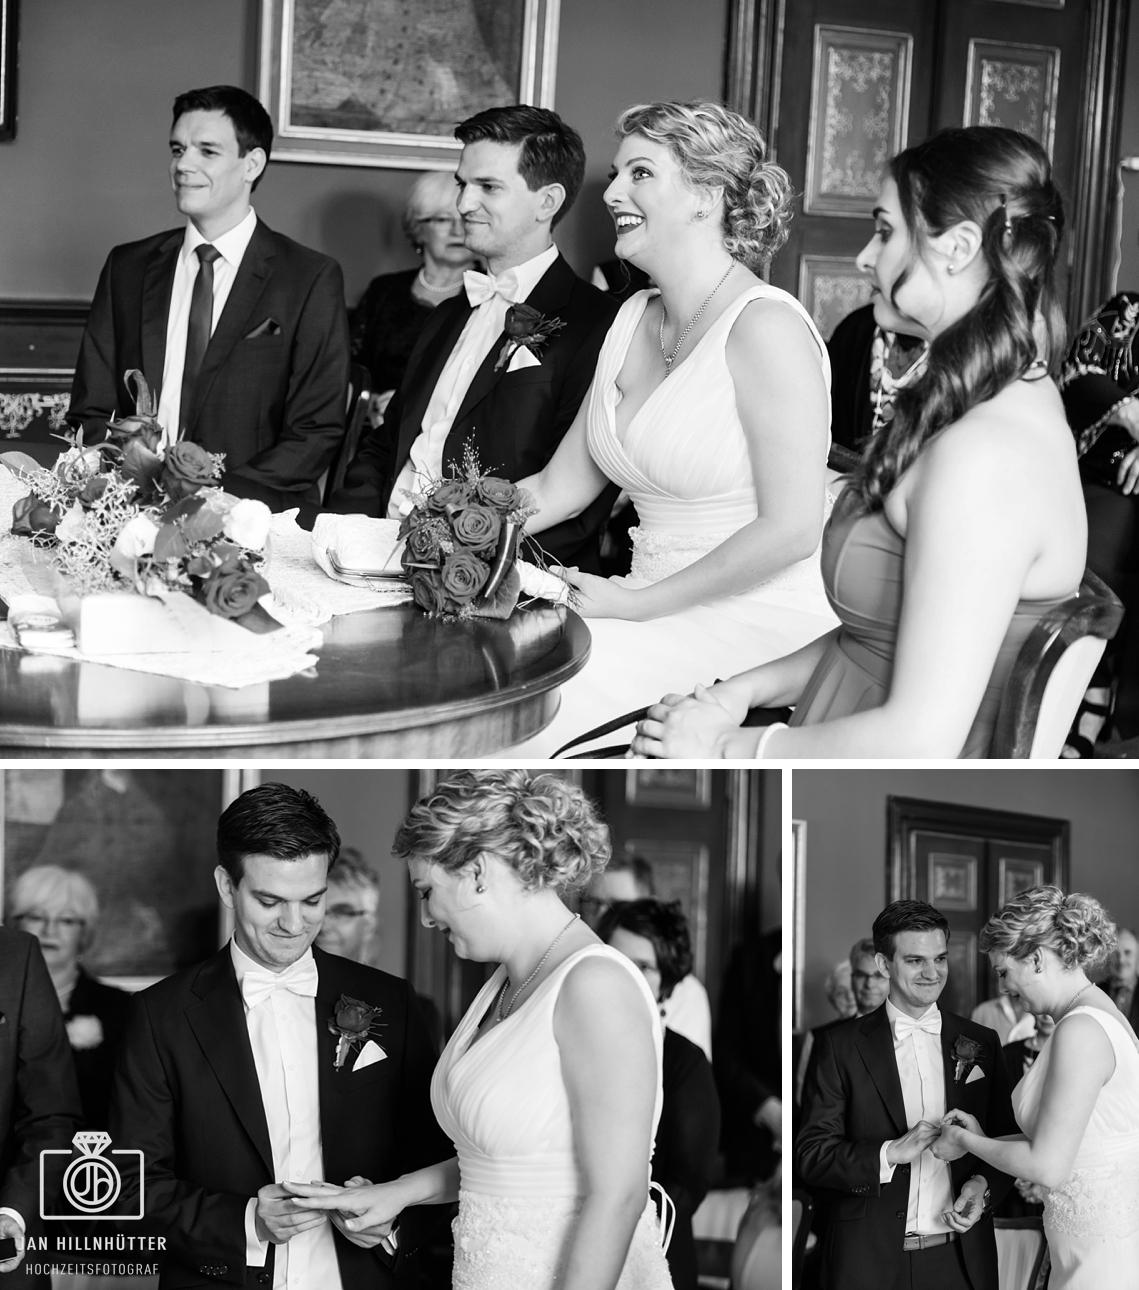 Trauzimmer-Trauung-Trauzeremonie-Hochzeit-Schlosshotel-Weilburg-Brautpaar-SW